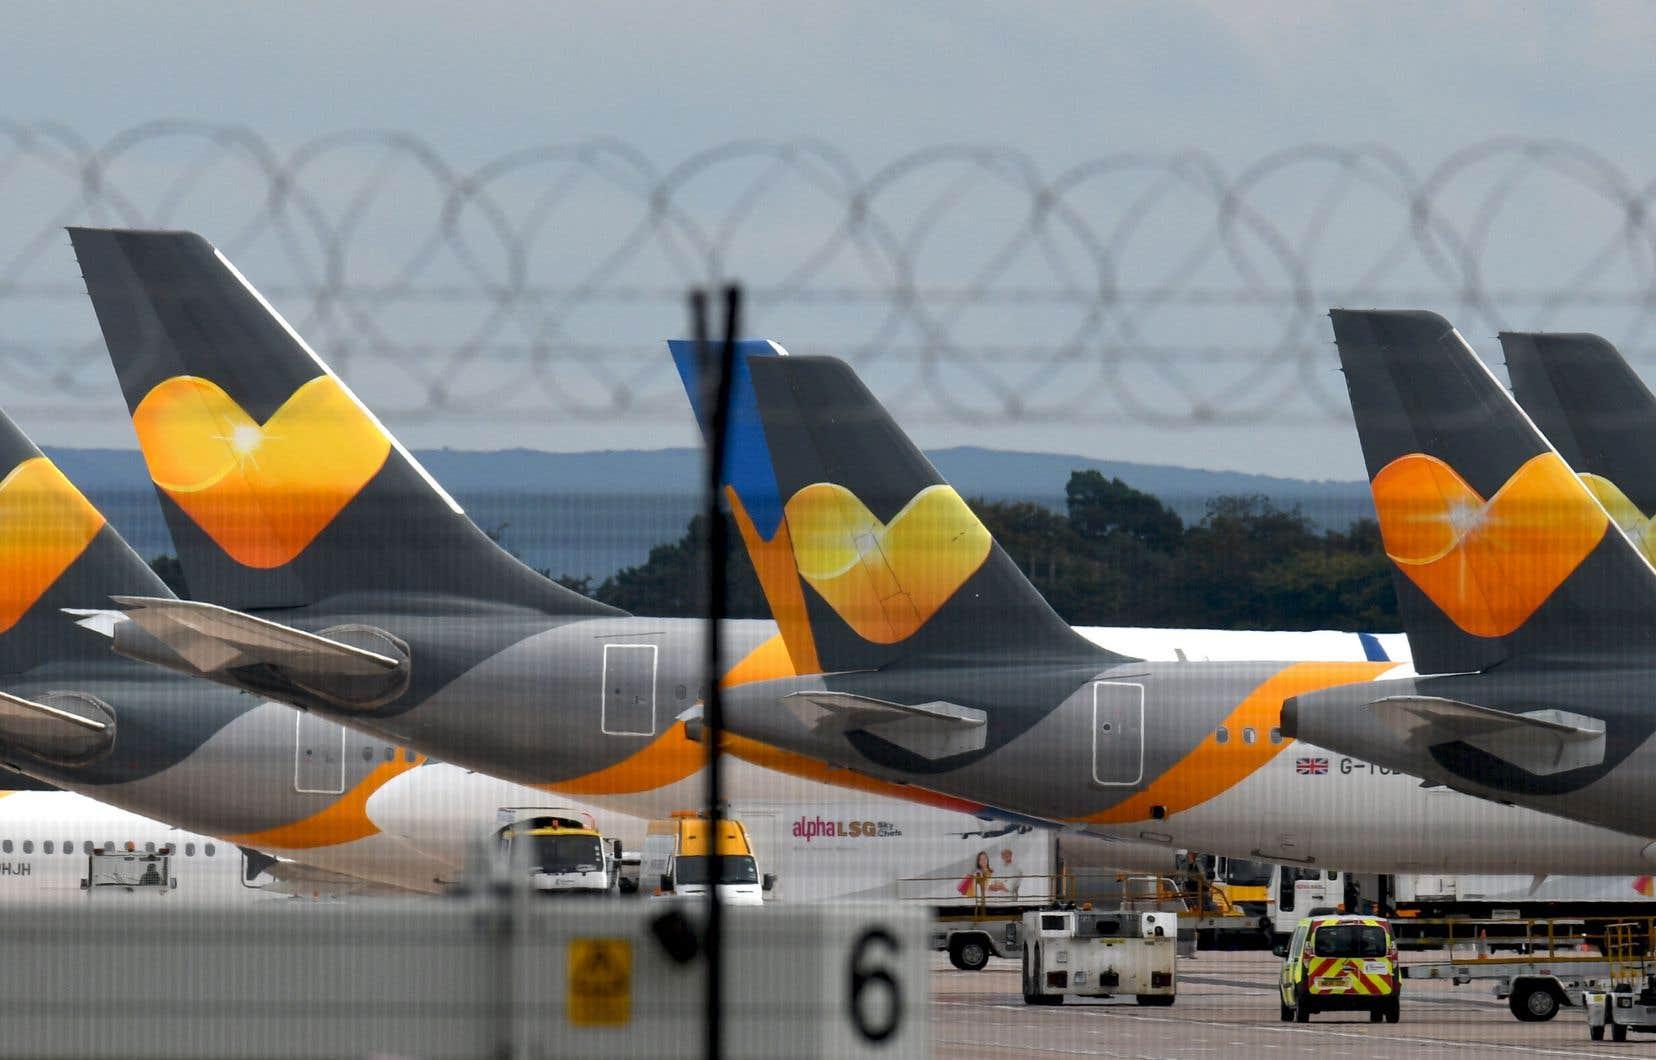 Des avions de l'entreprise Thomas Cook sur le tarmac de l'éroport de Manchester, en Angleterre, lundi